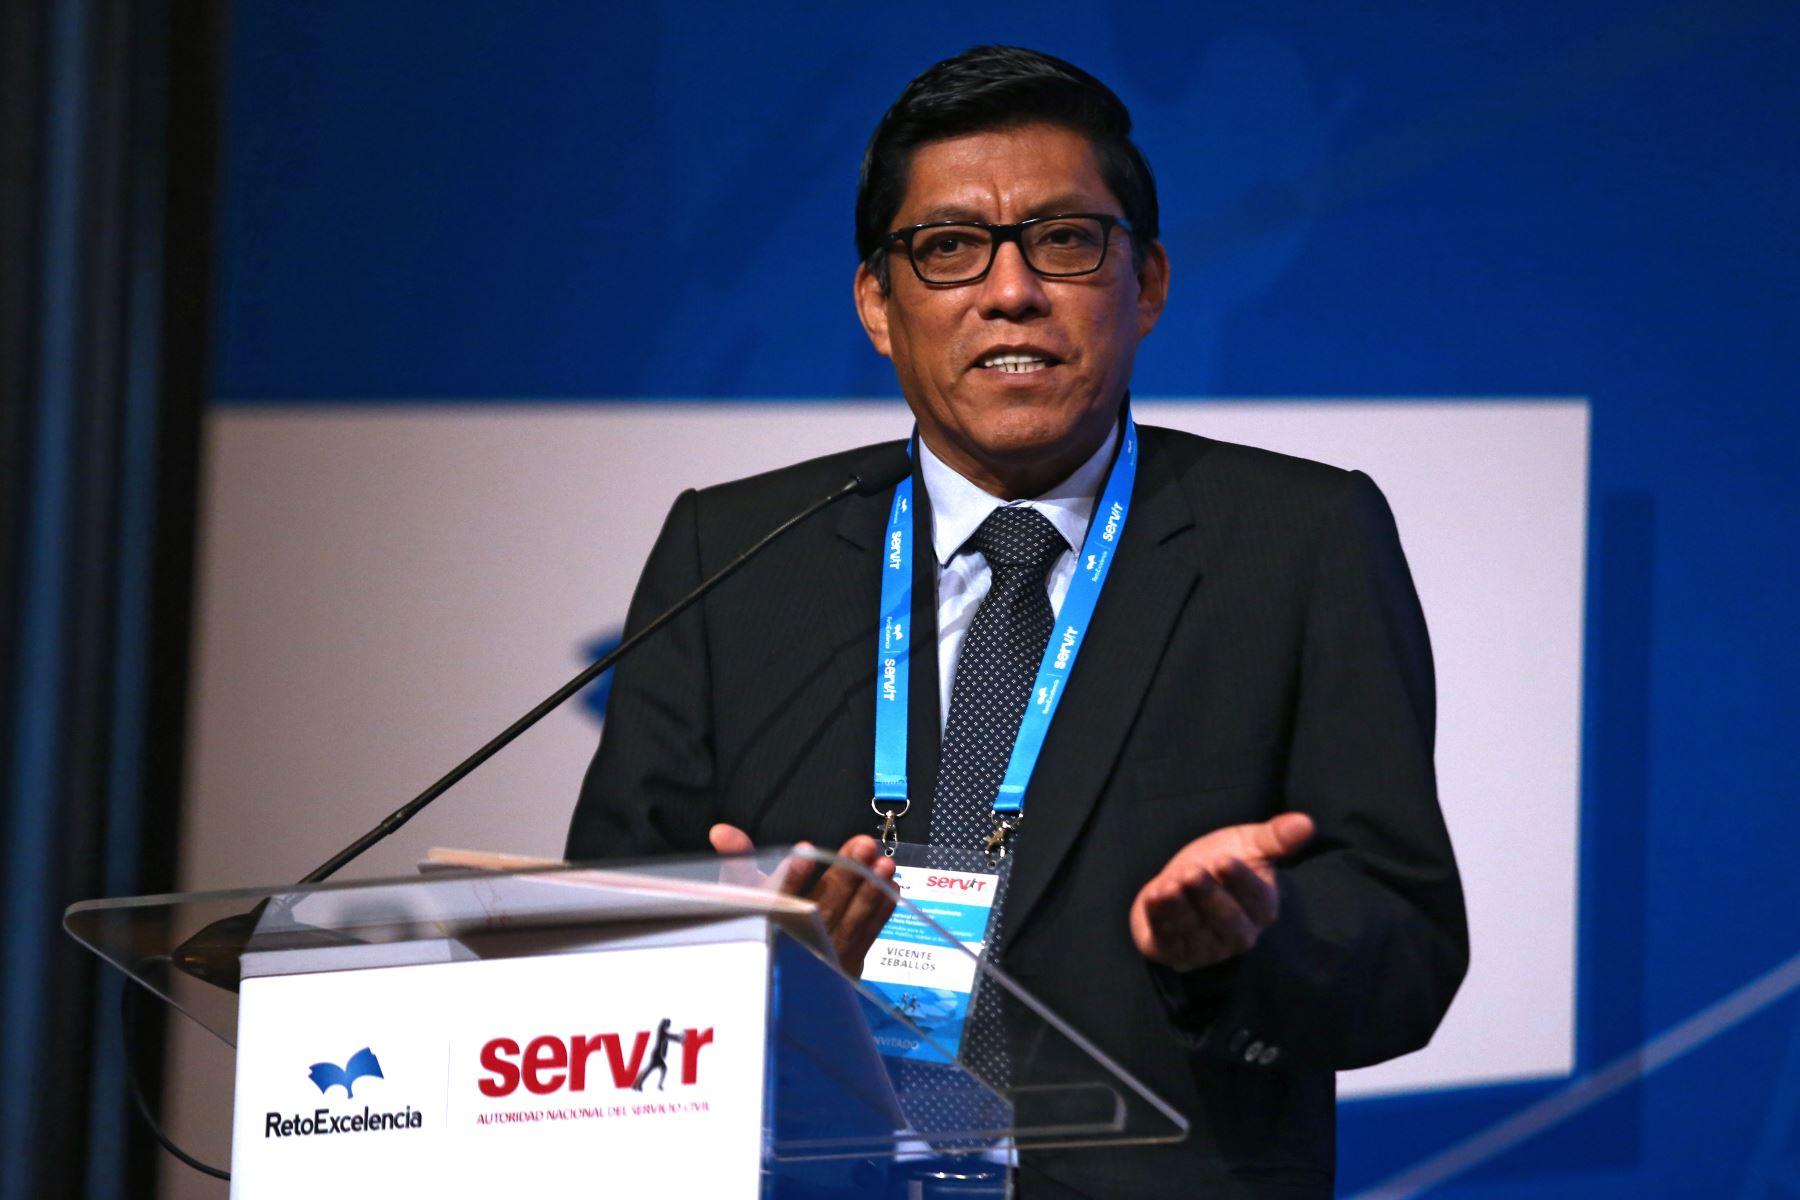 Vicente Antonio Zeballos presidente del consejo de Ministros, inaugura I Encuentro Nacional de Beneficiarios del programa Reto excelencia.  Foto: ANDINA/Vidal Tarqui